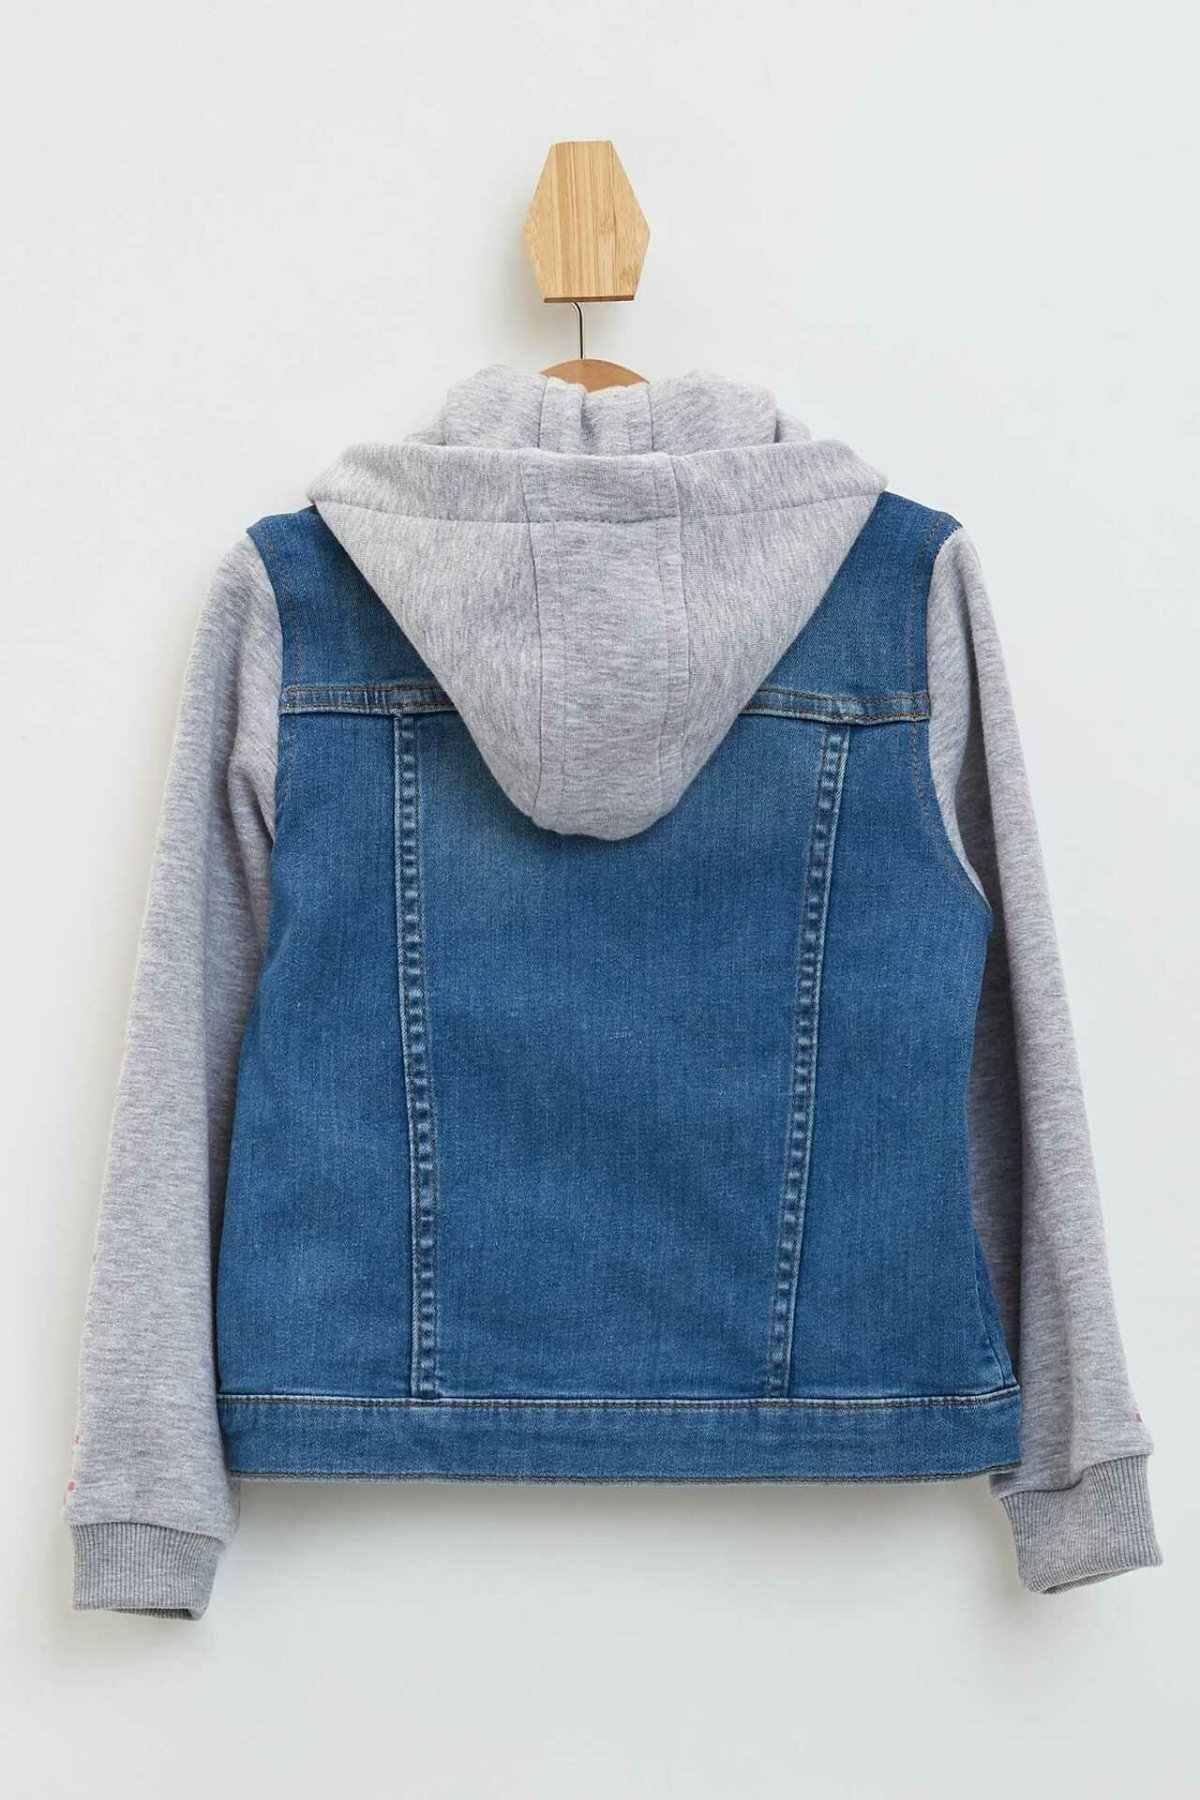 Defacto moda meninas retalhos jean jaqueta com capuz bolso criança casual denim carta padrão mangas casaco outono menina-l8819a619au